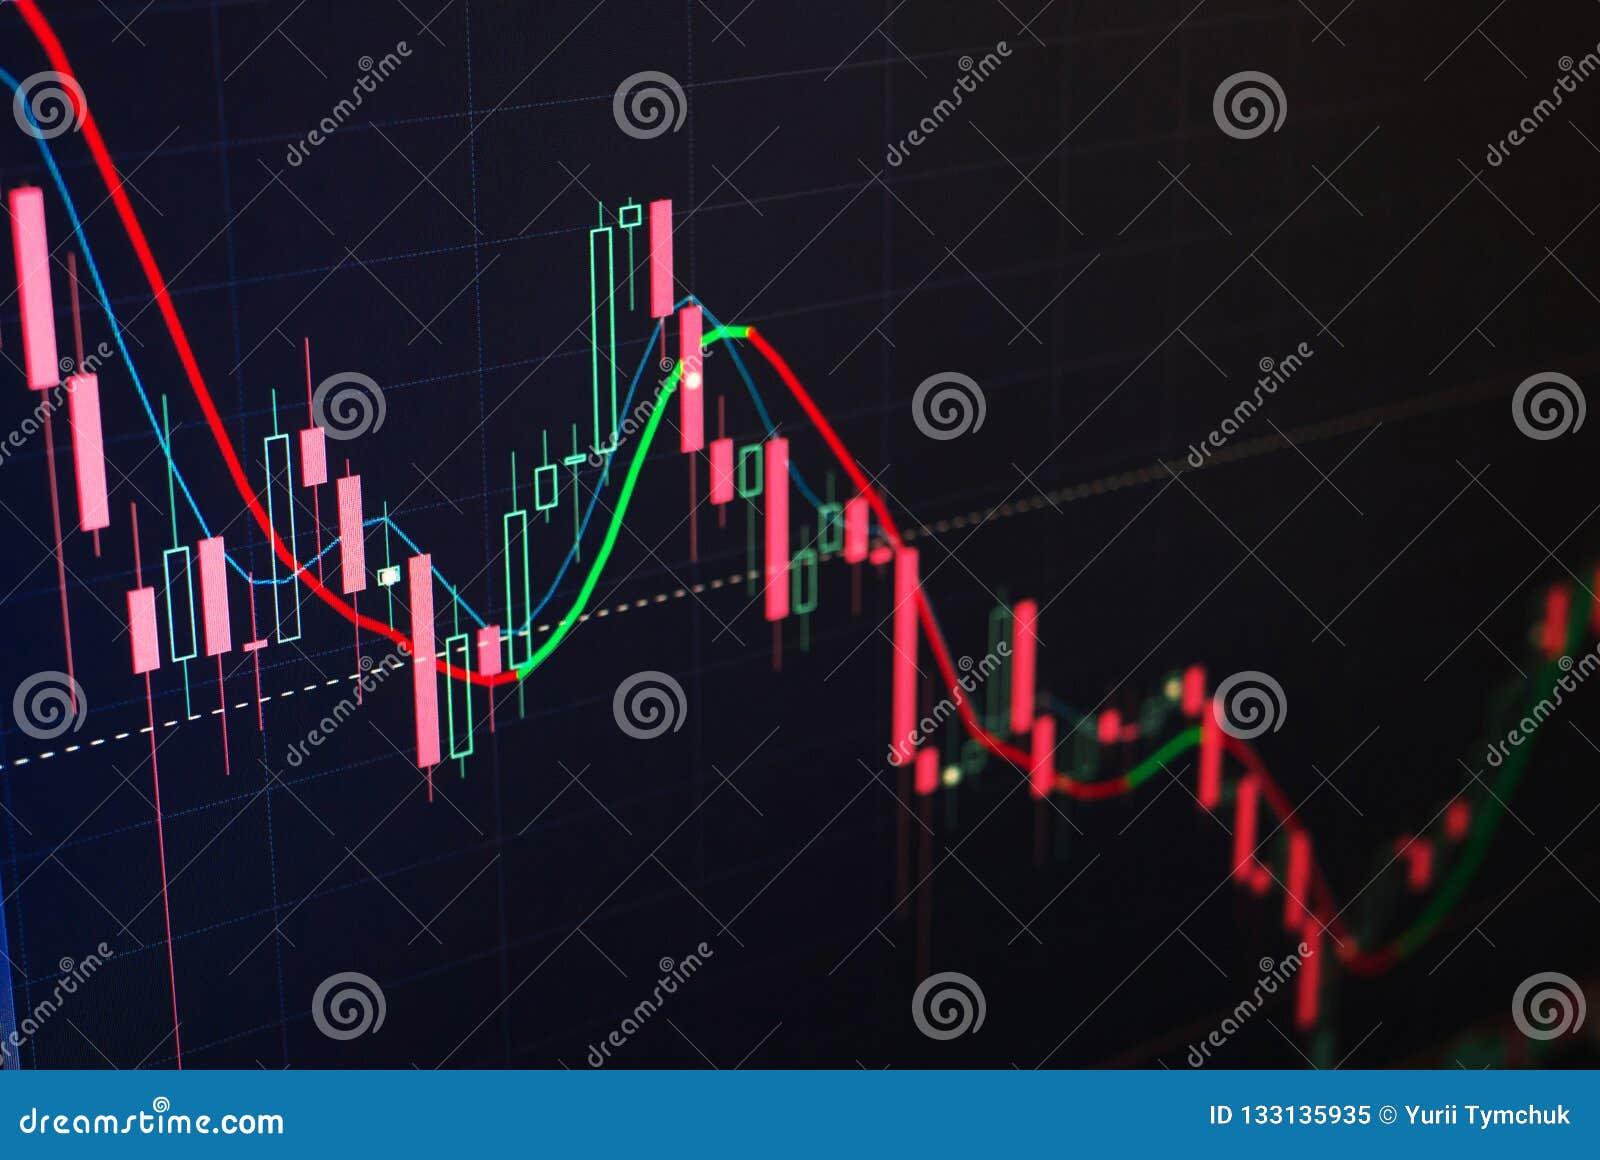 Rote und grüne Kerzen der Börse Handelskonzept Technische Analyse